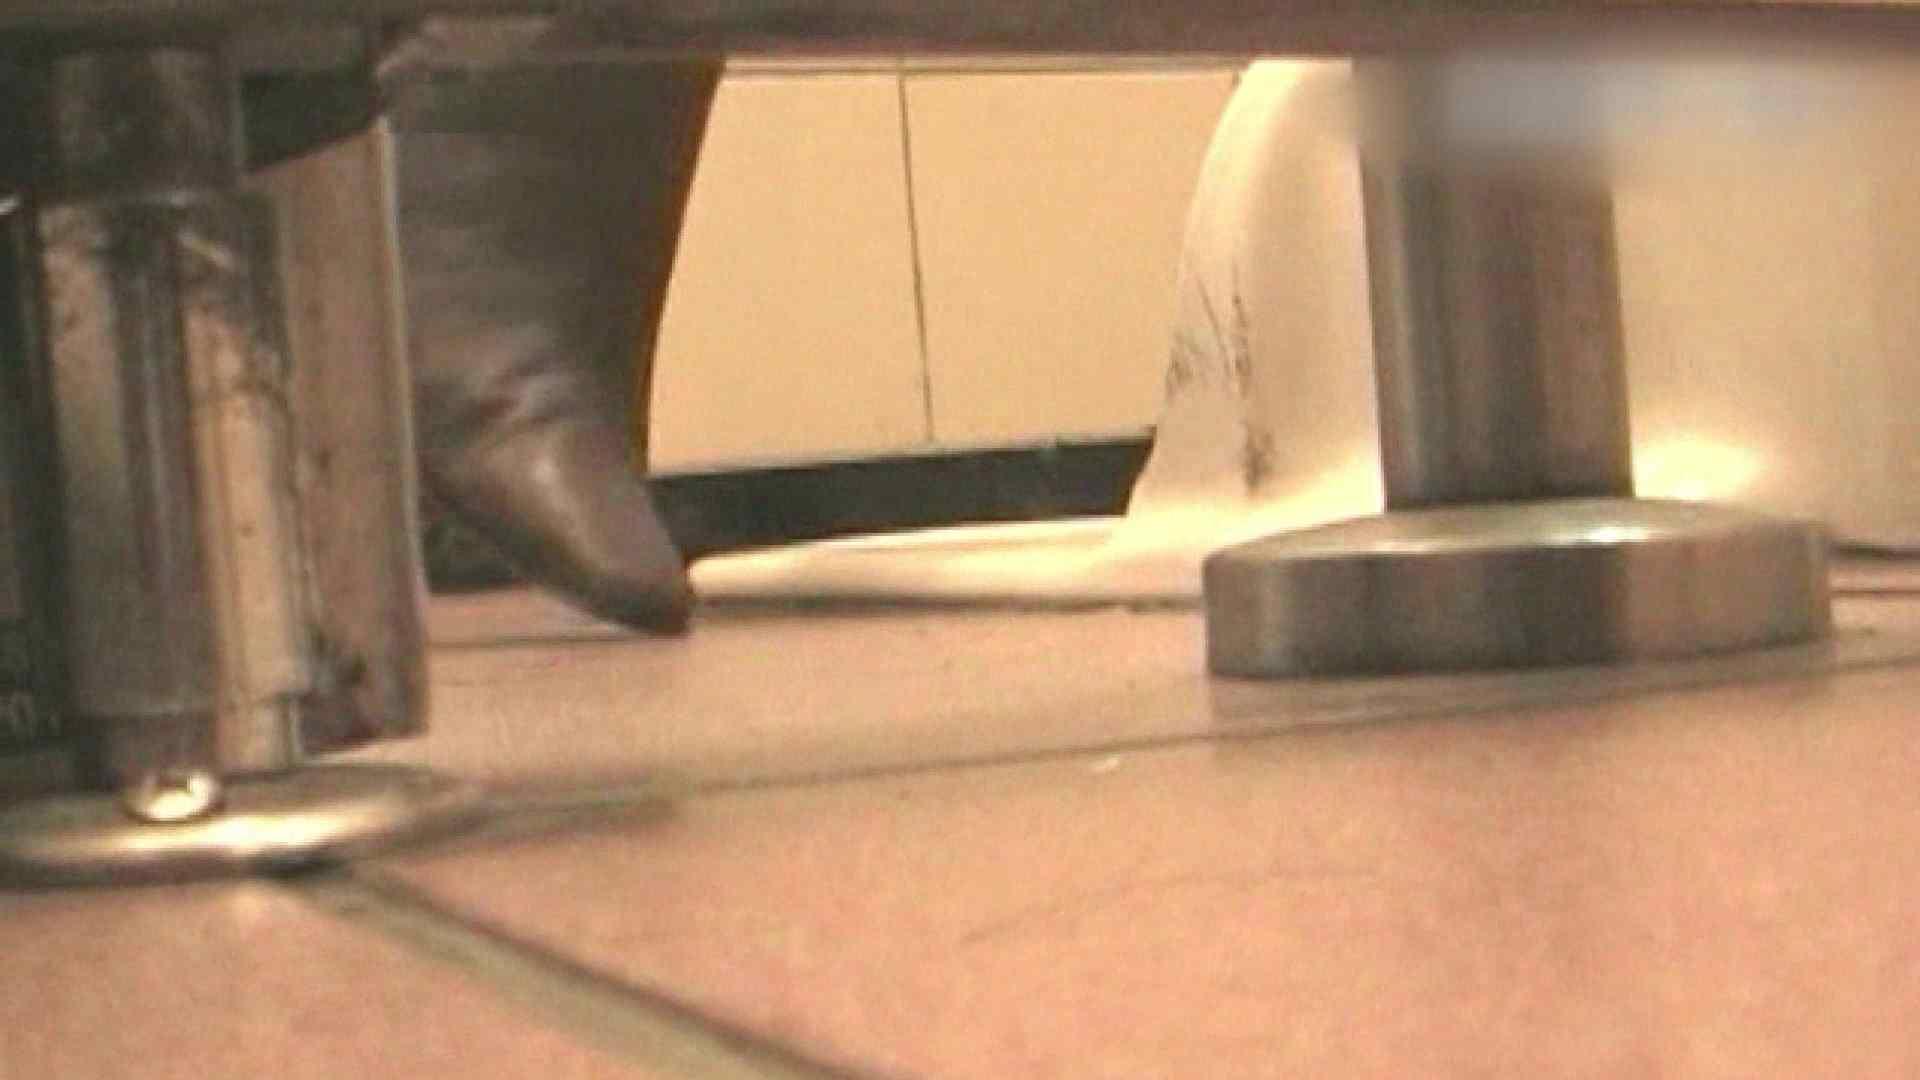 ロックハンドさんの盗撮記録File.24 盗撮師作品 | マンコ・ムレムレ  92pic 1